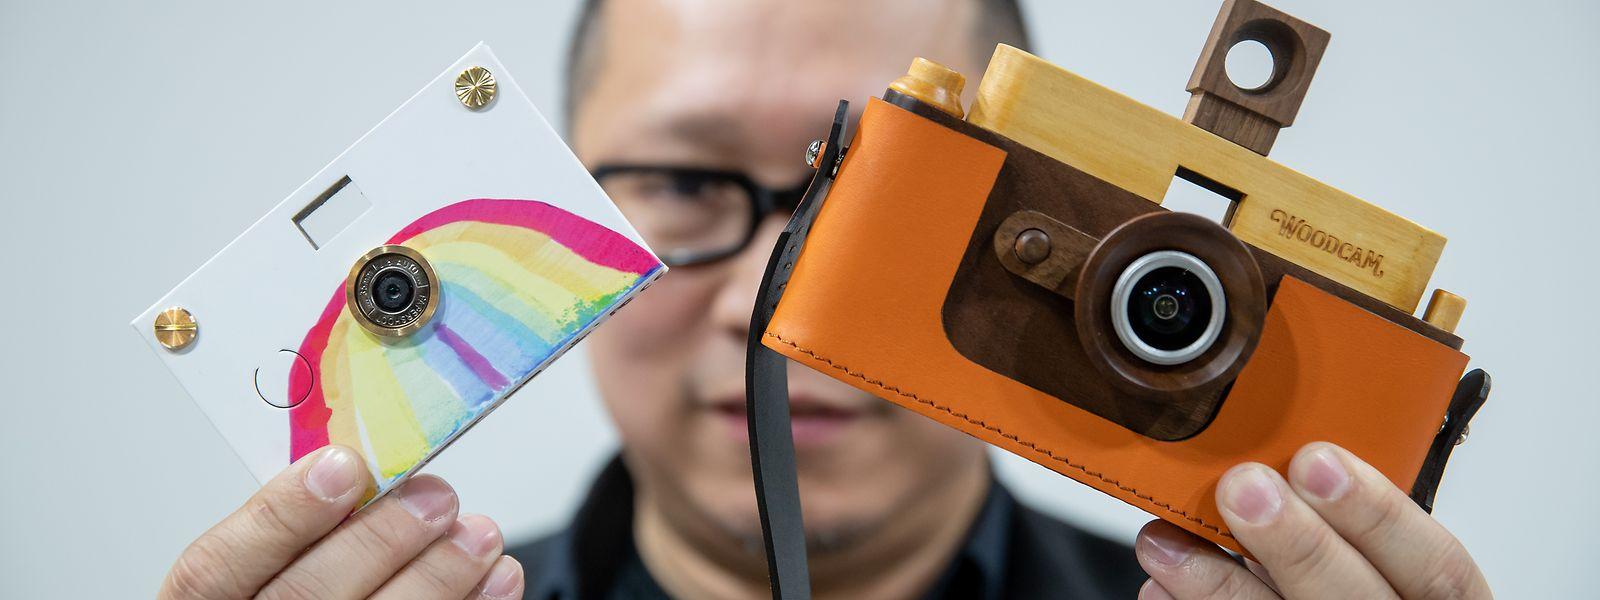 Es geht auch ohne Plastik: Jimmy Chen vom US-Unternehmen Father's Factory präsentiert auf der Spielwarenmesse Digitalkameras mit Holz- und Papiergehäuse.